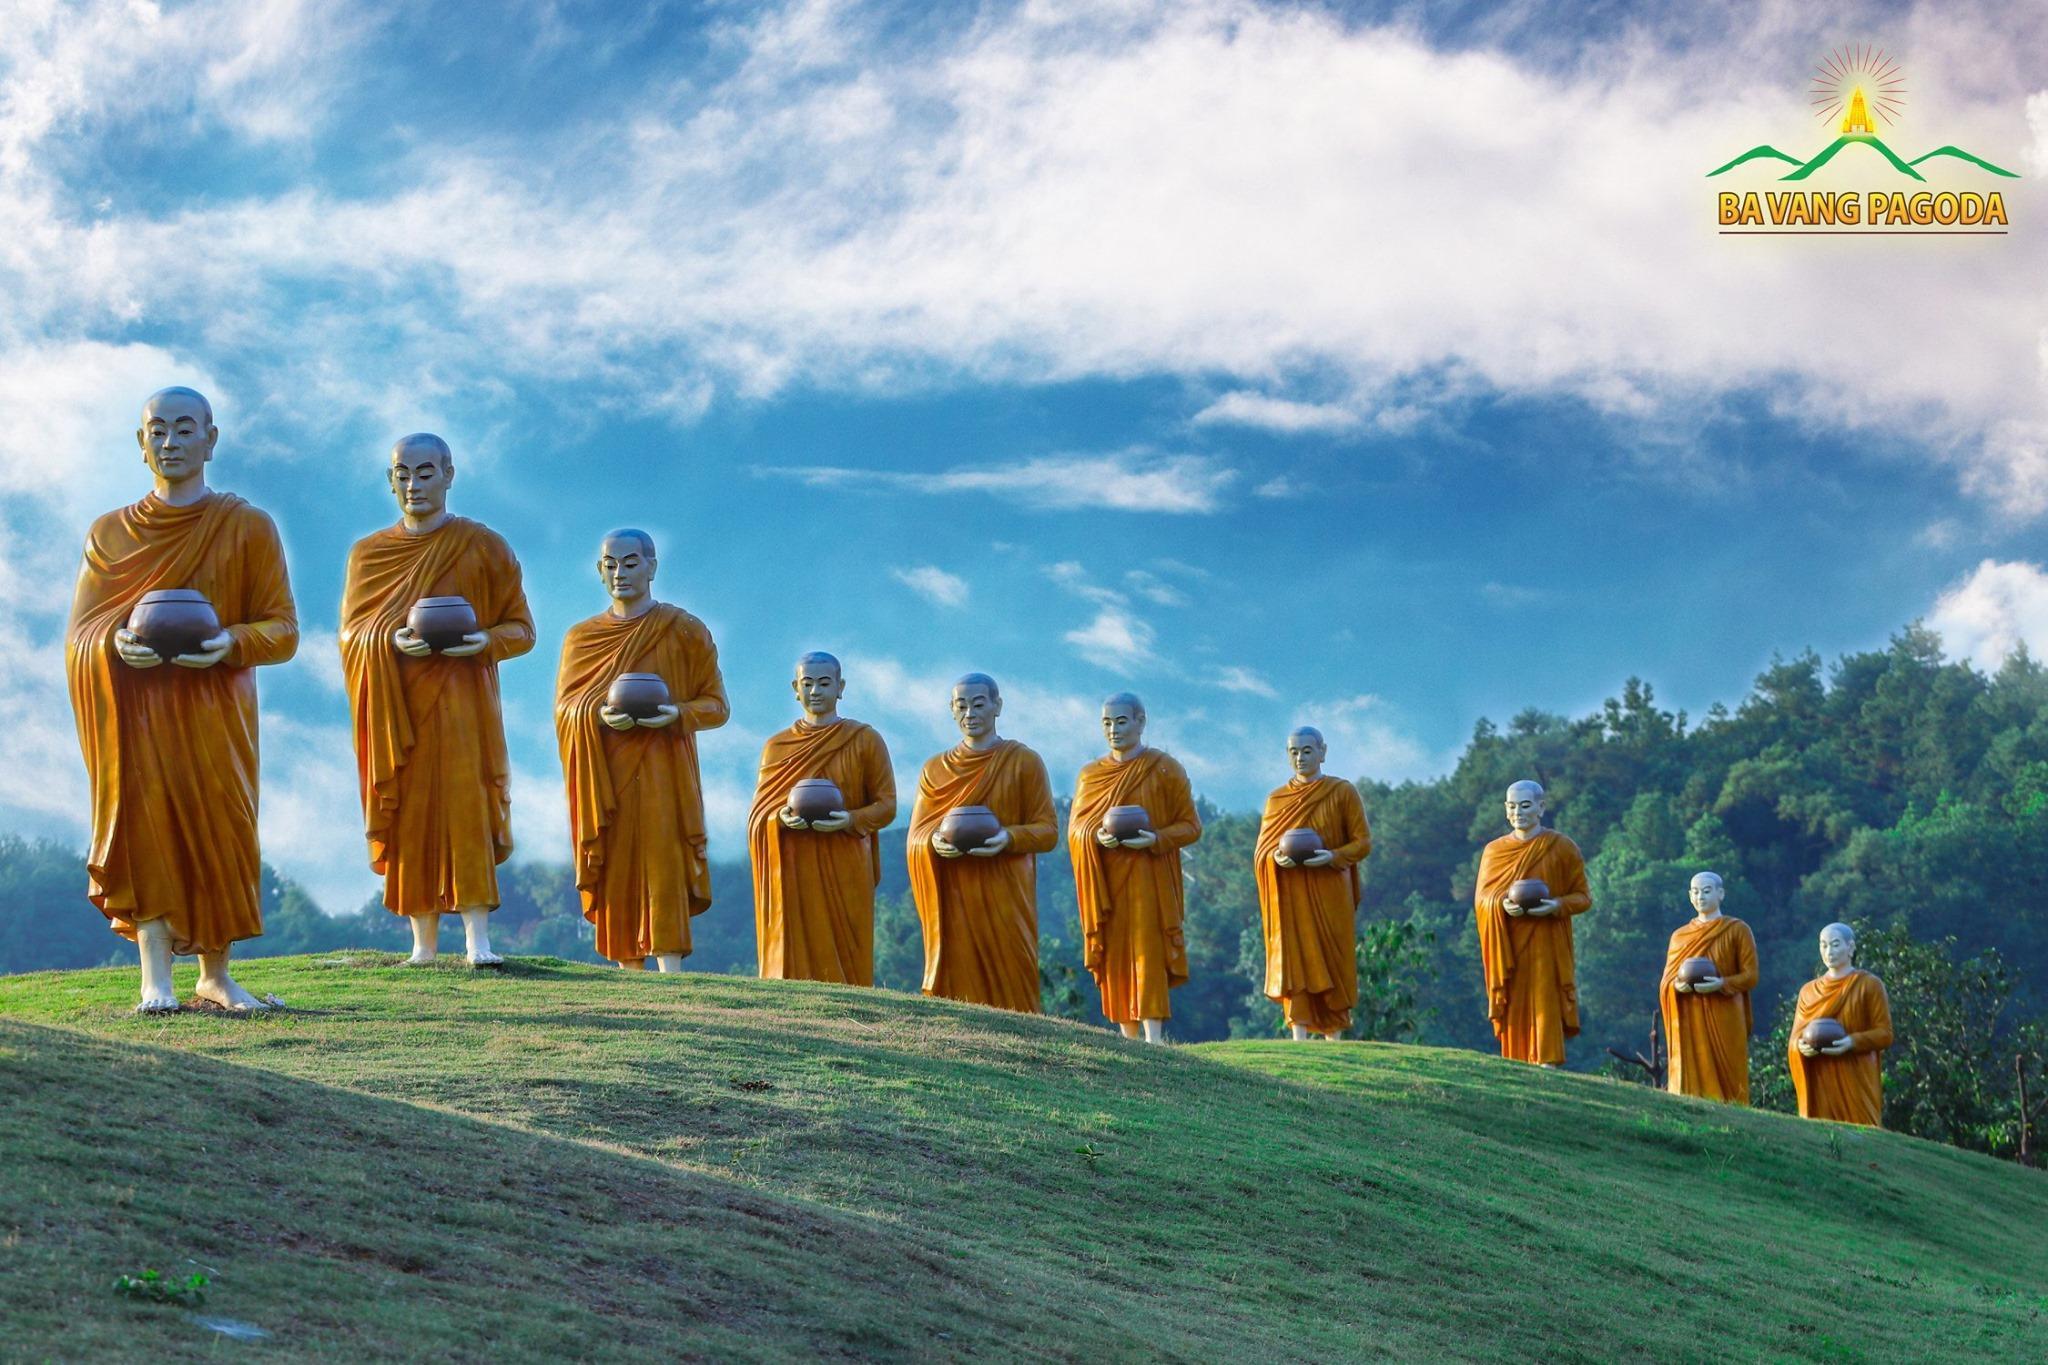 Cổng Đá tại chùa Ba Vàng với mười bức tượng Chư Tăng đi khất thực khắc họa truyền thống thời Đức Phật còn tại thế